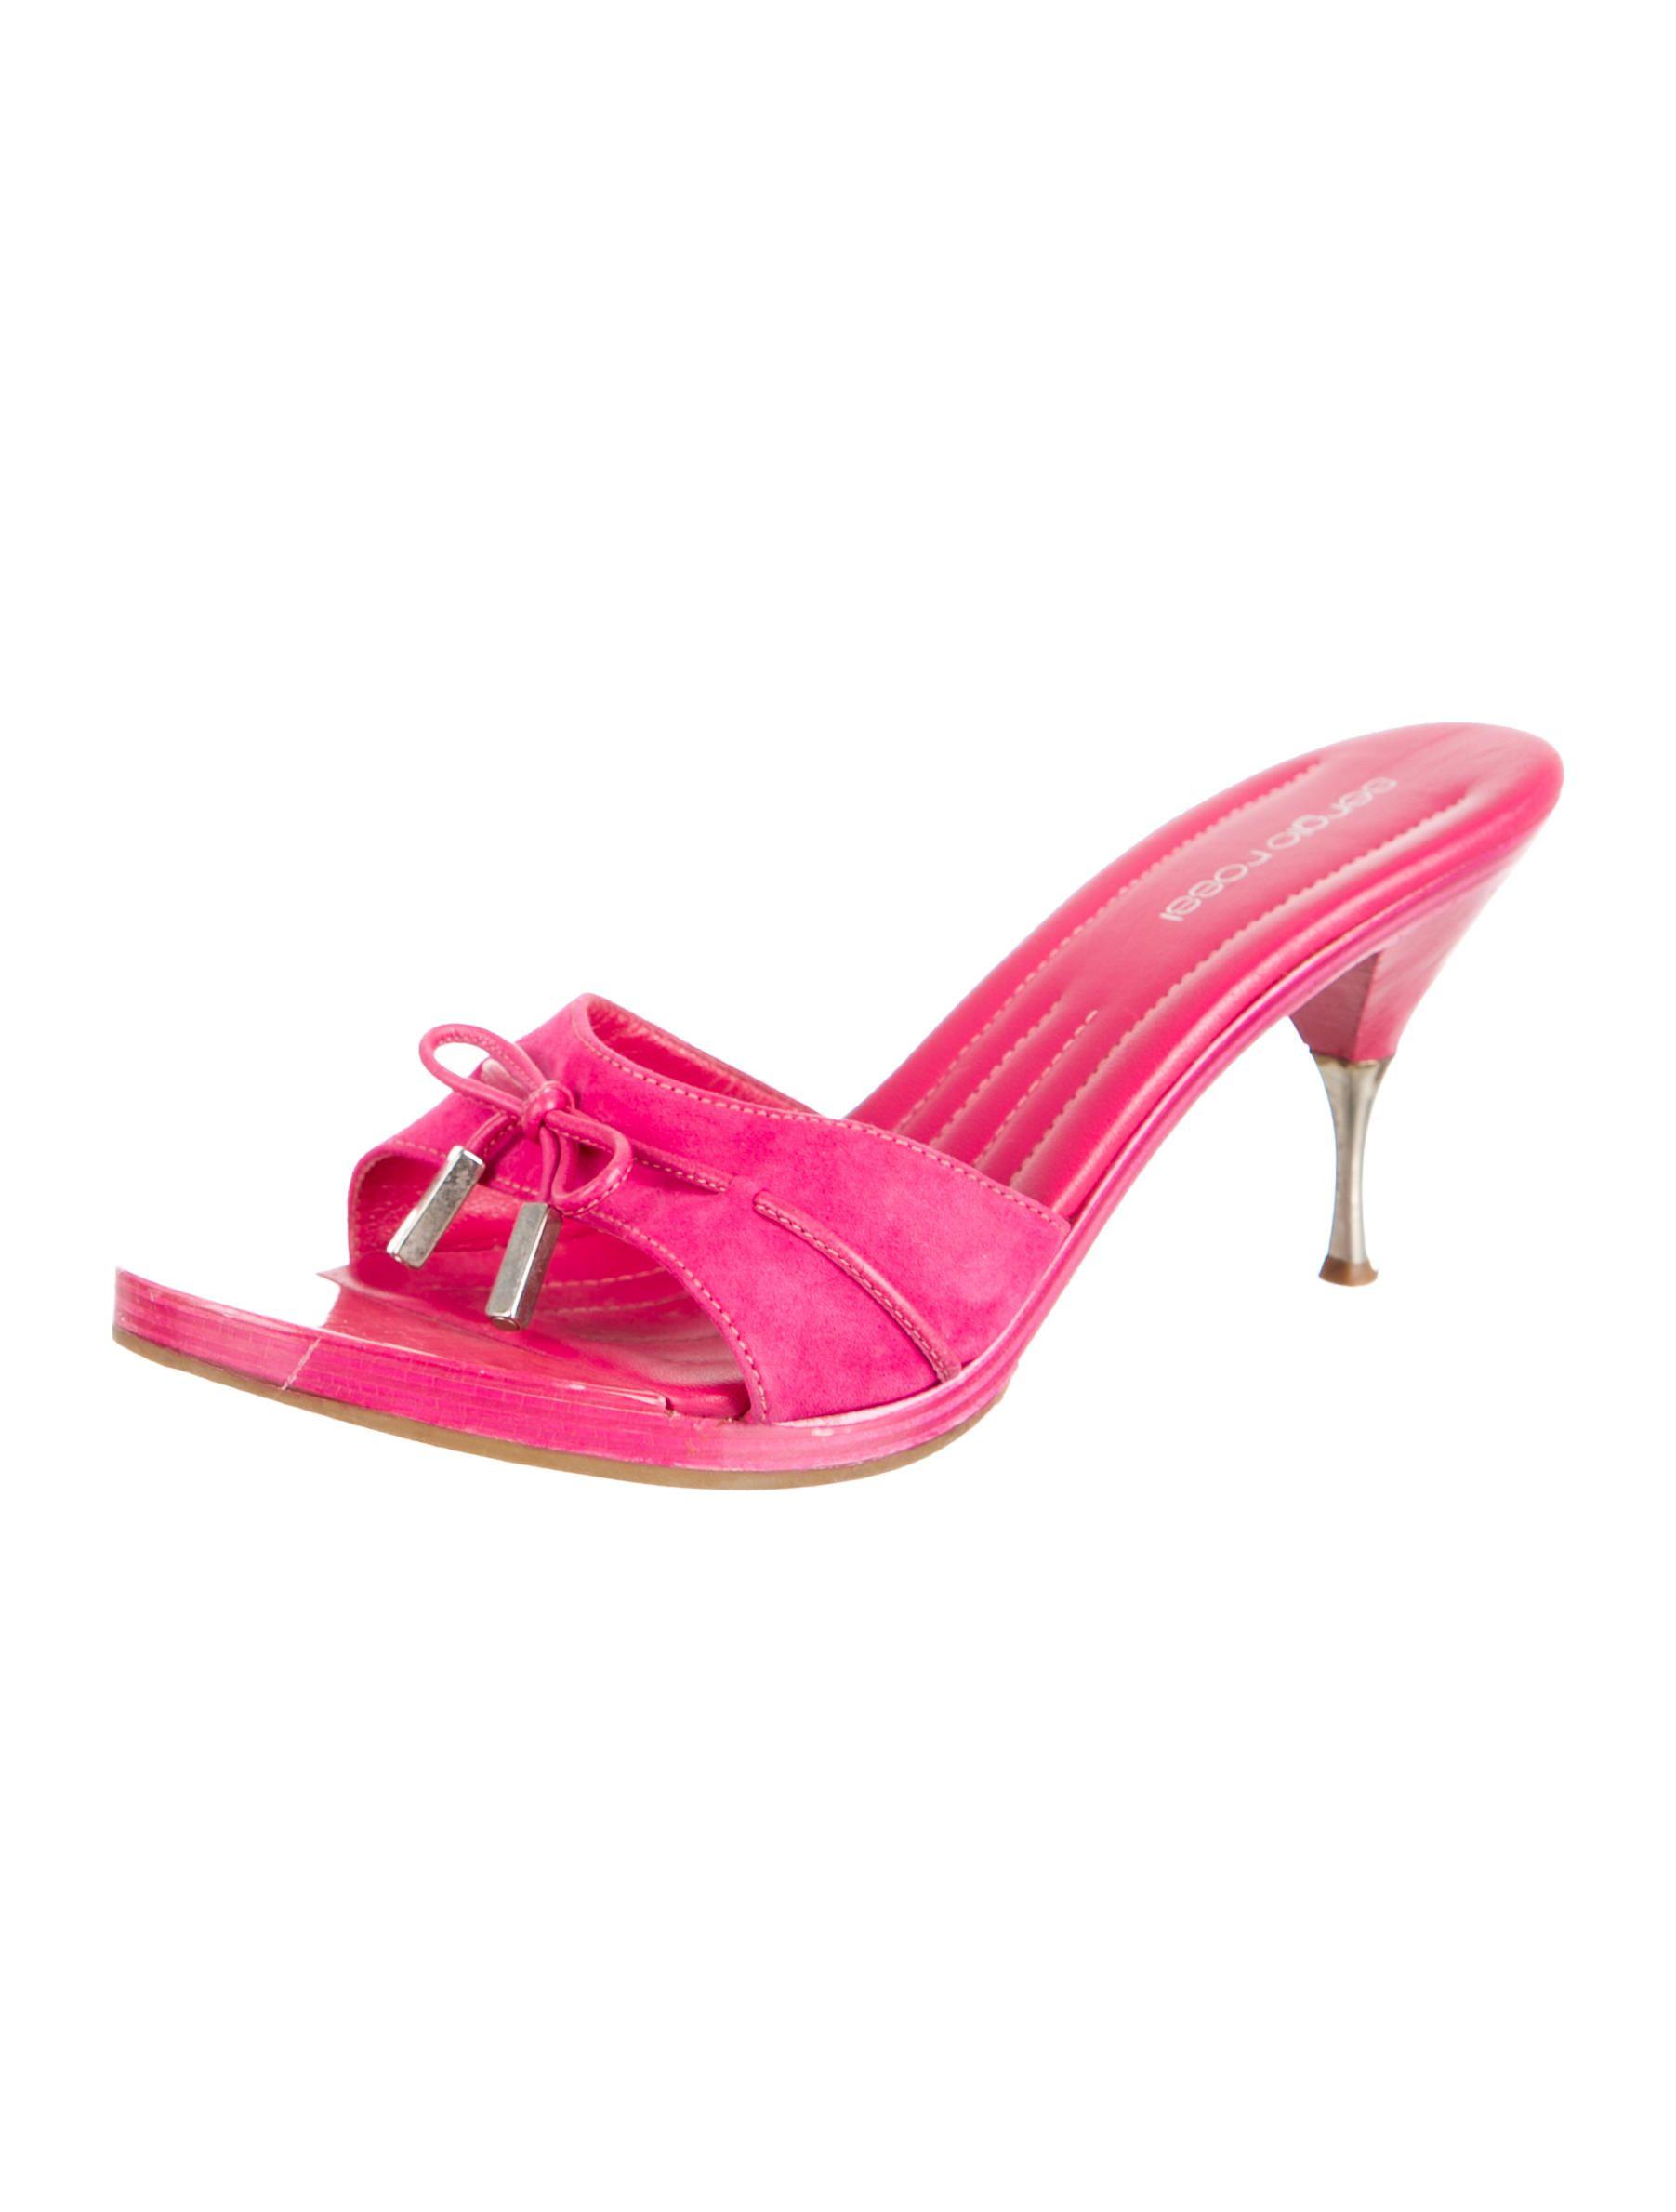 Sergio Rossi Suede Slide Sandals